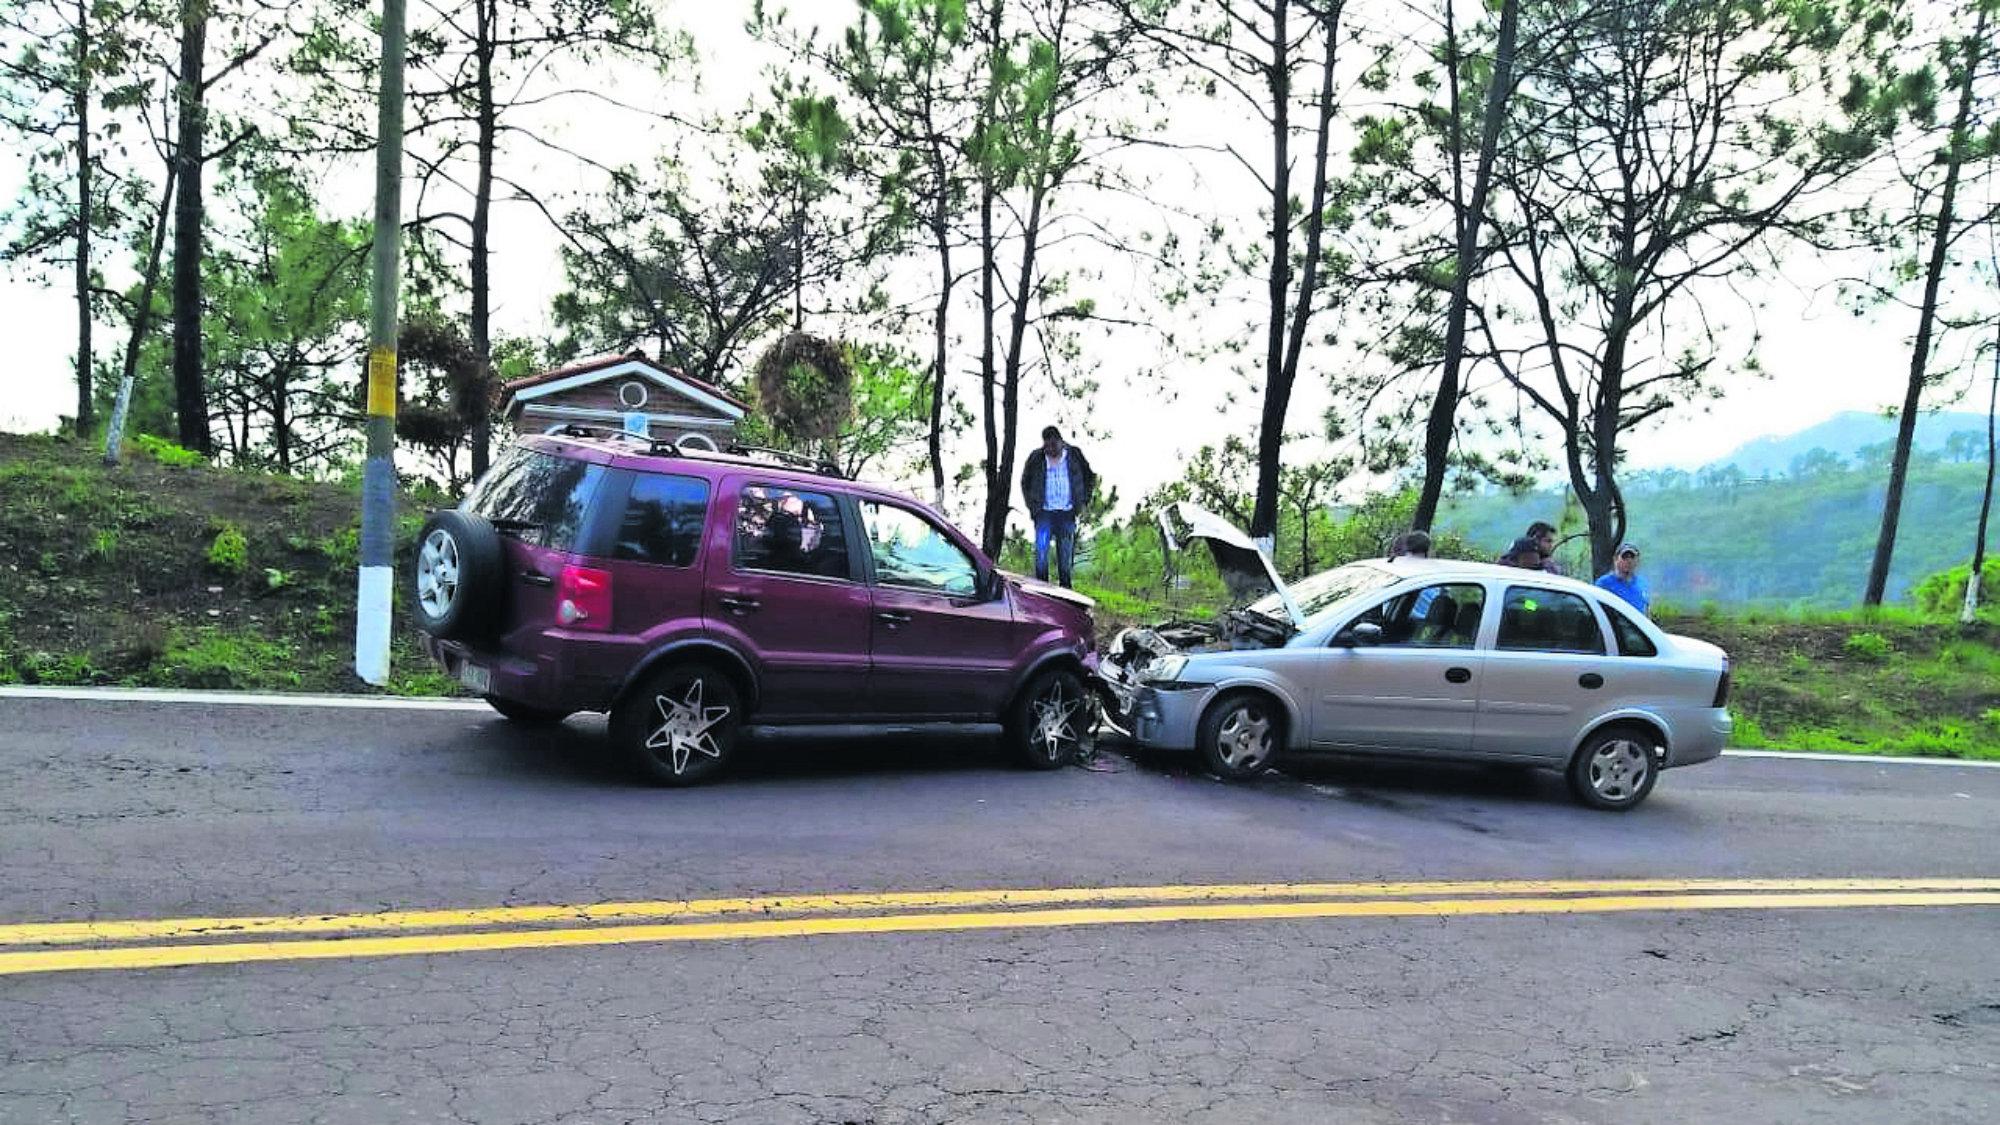 Frentazo Choca contra auto Rebase en curva Morelos